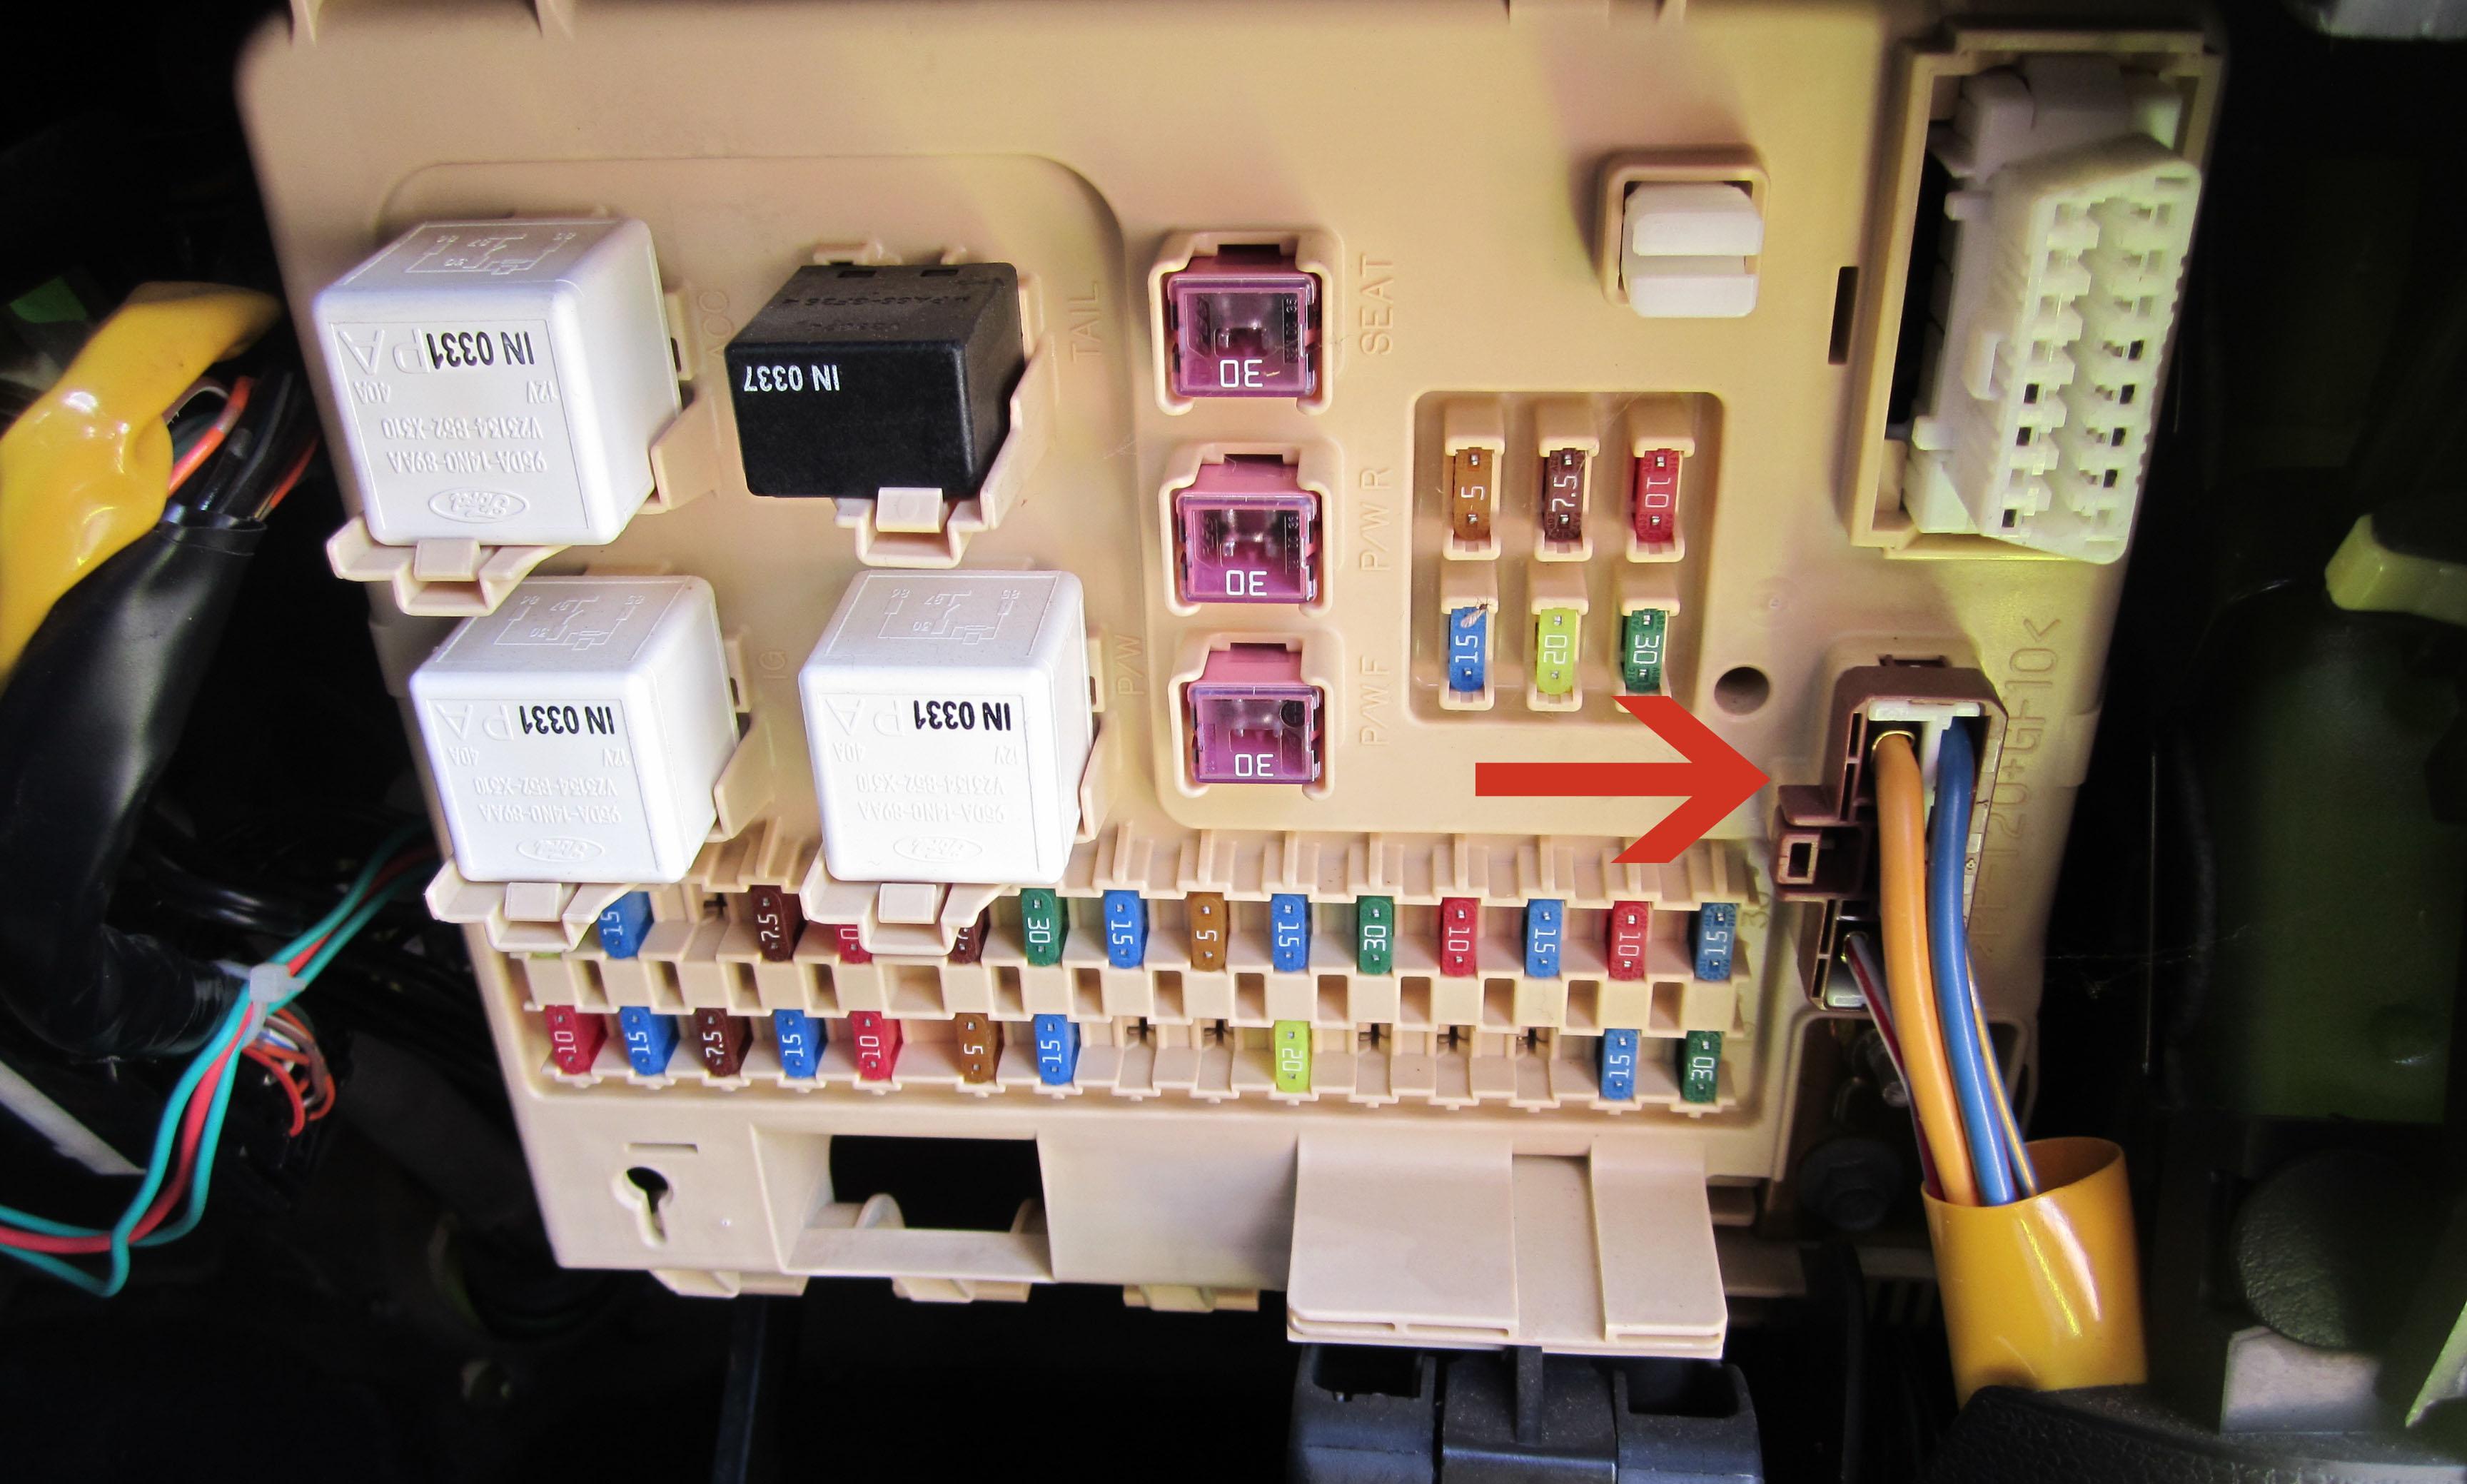 medium resolution of fuse box au ford falcon blog wiring diagram 1964 ford falcon fuse box diagram ford fairmont fuse box diagram